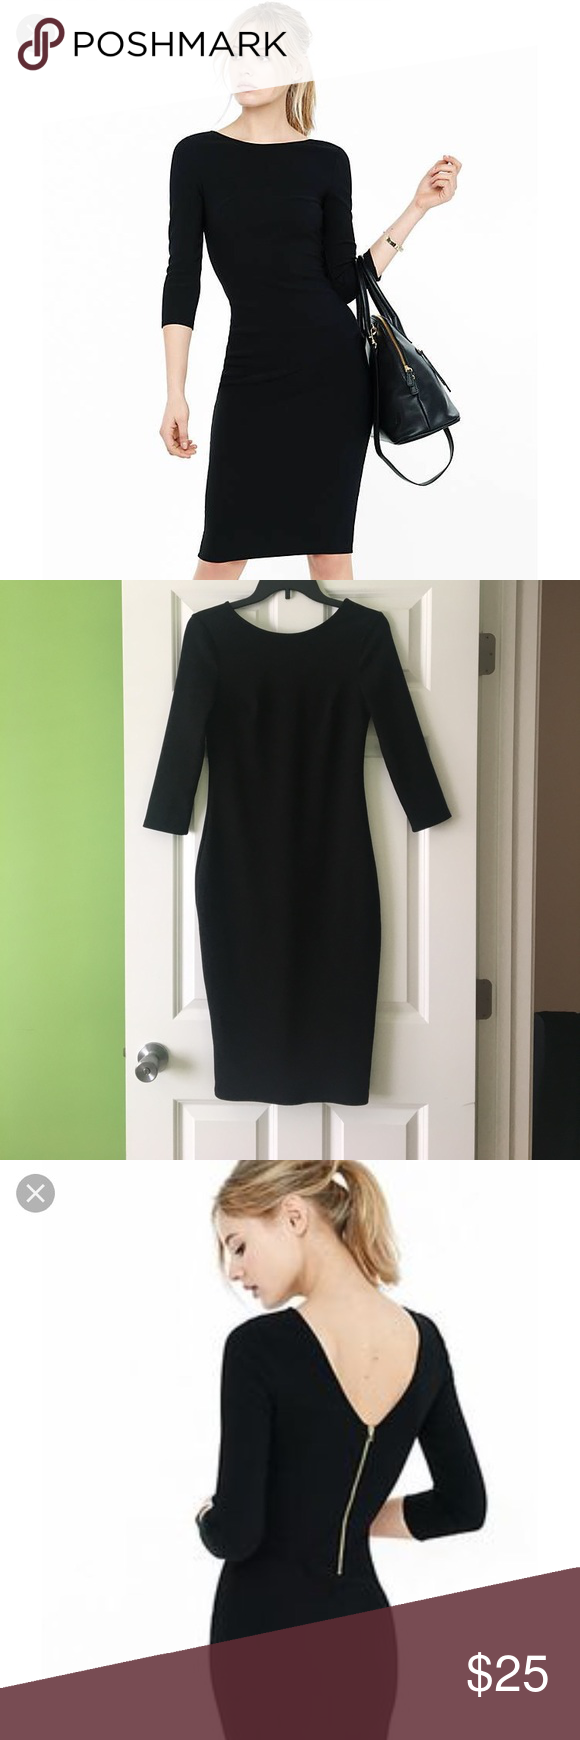 Express Midi Dress In Black Dresses Clothes Design Express Dresses [ 1740 x 580 Pixel ]